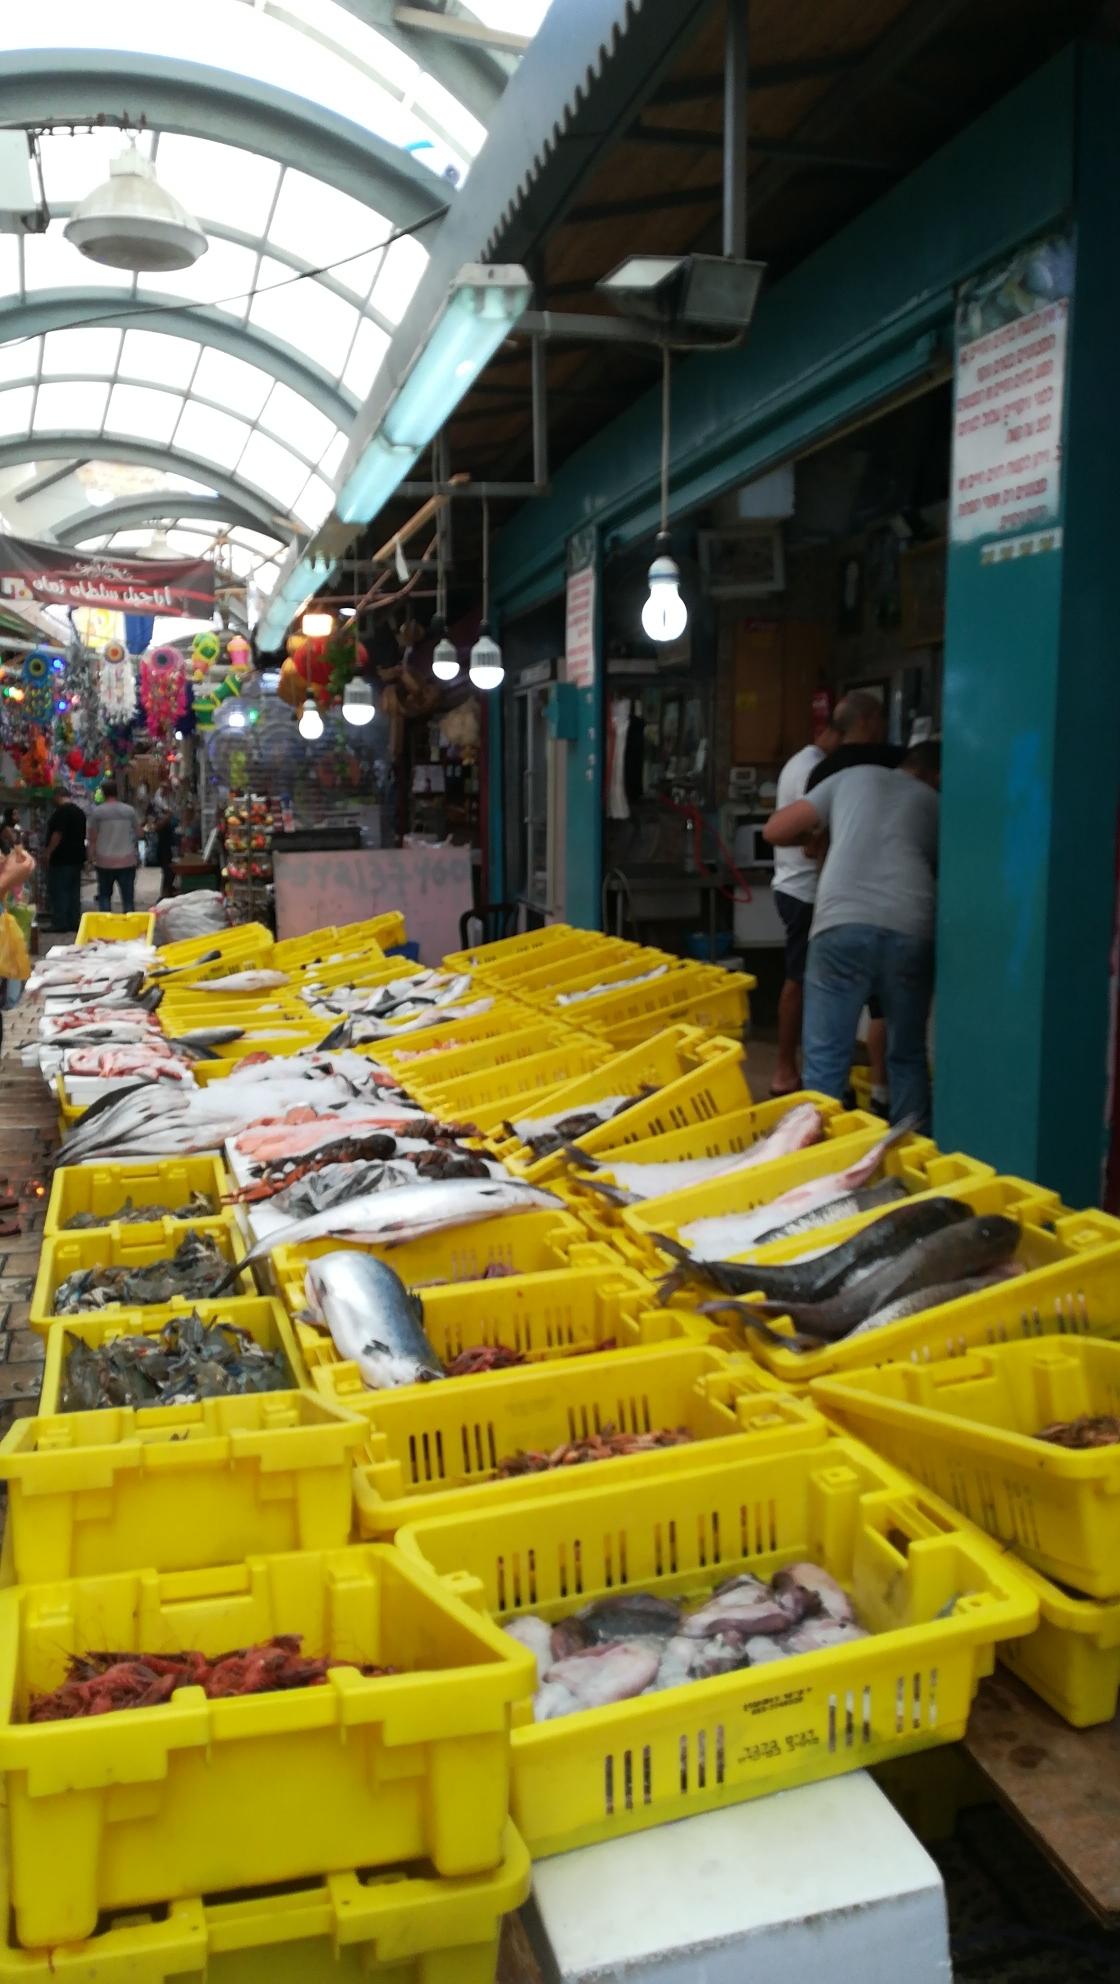 Mittags sind diese wunderbaren Fische noch nicht verkauft. Fliegen beginnen, sich auf ihnen niederzulassen. Ich schaue in ihre blinden Augen- sie sind eine stumme Anklage.